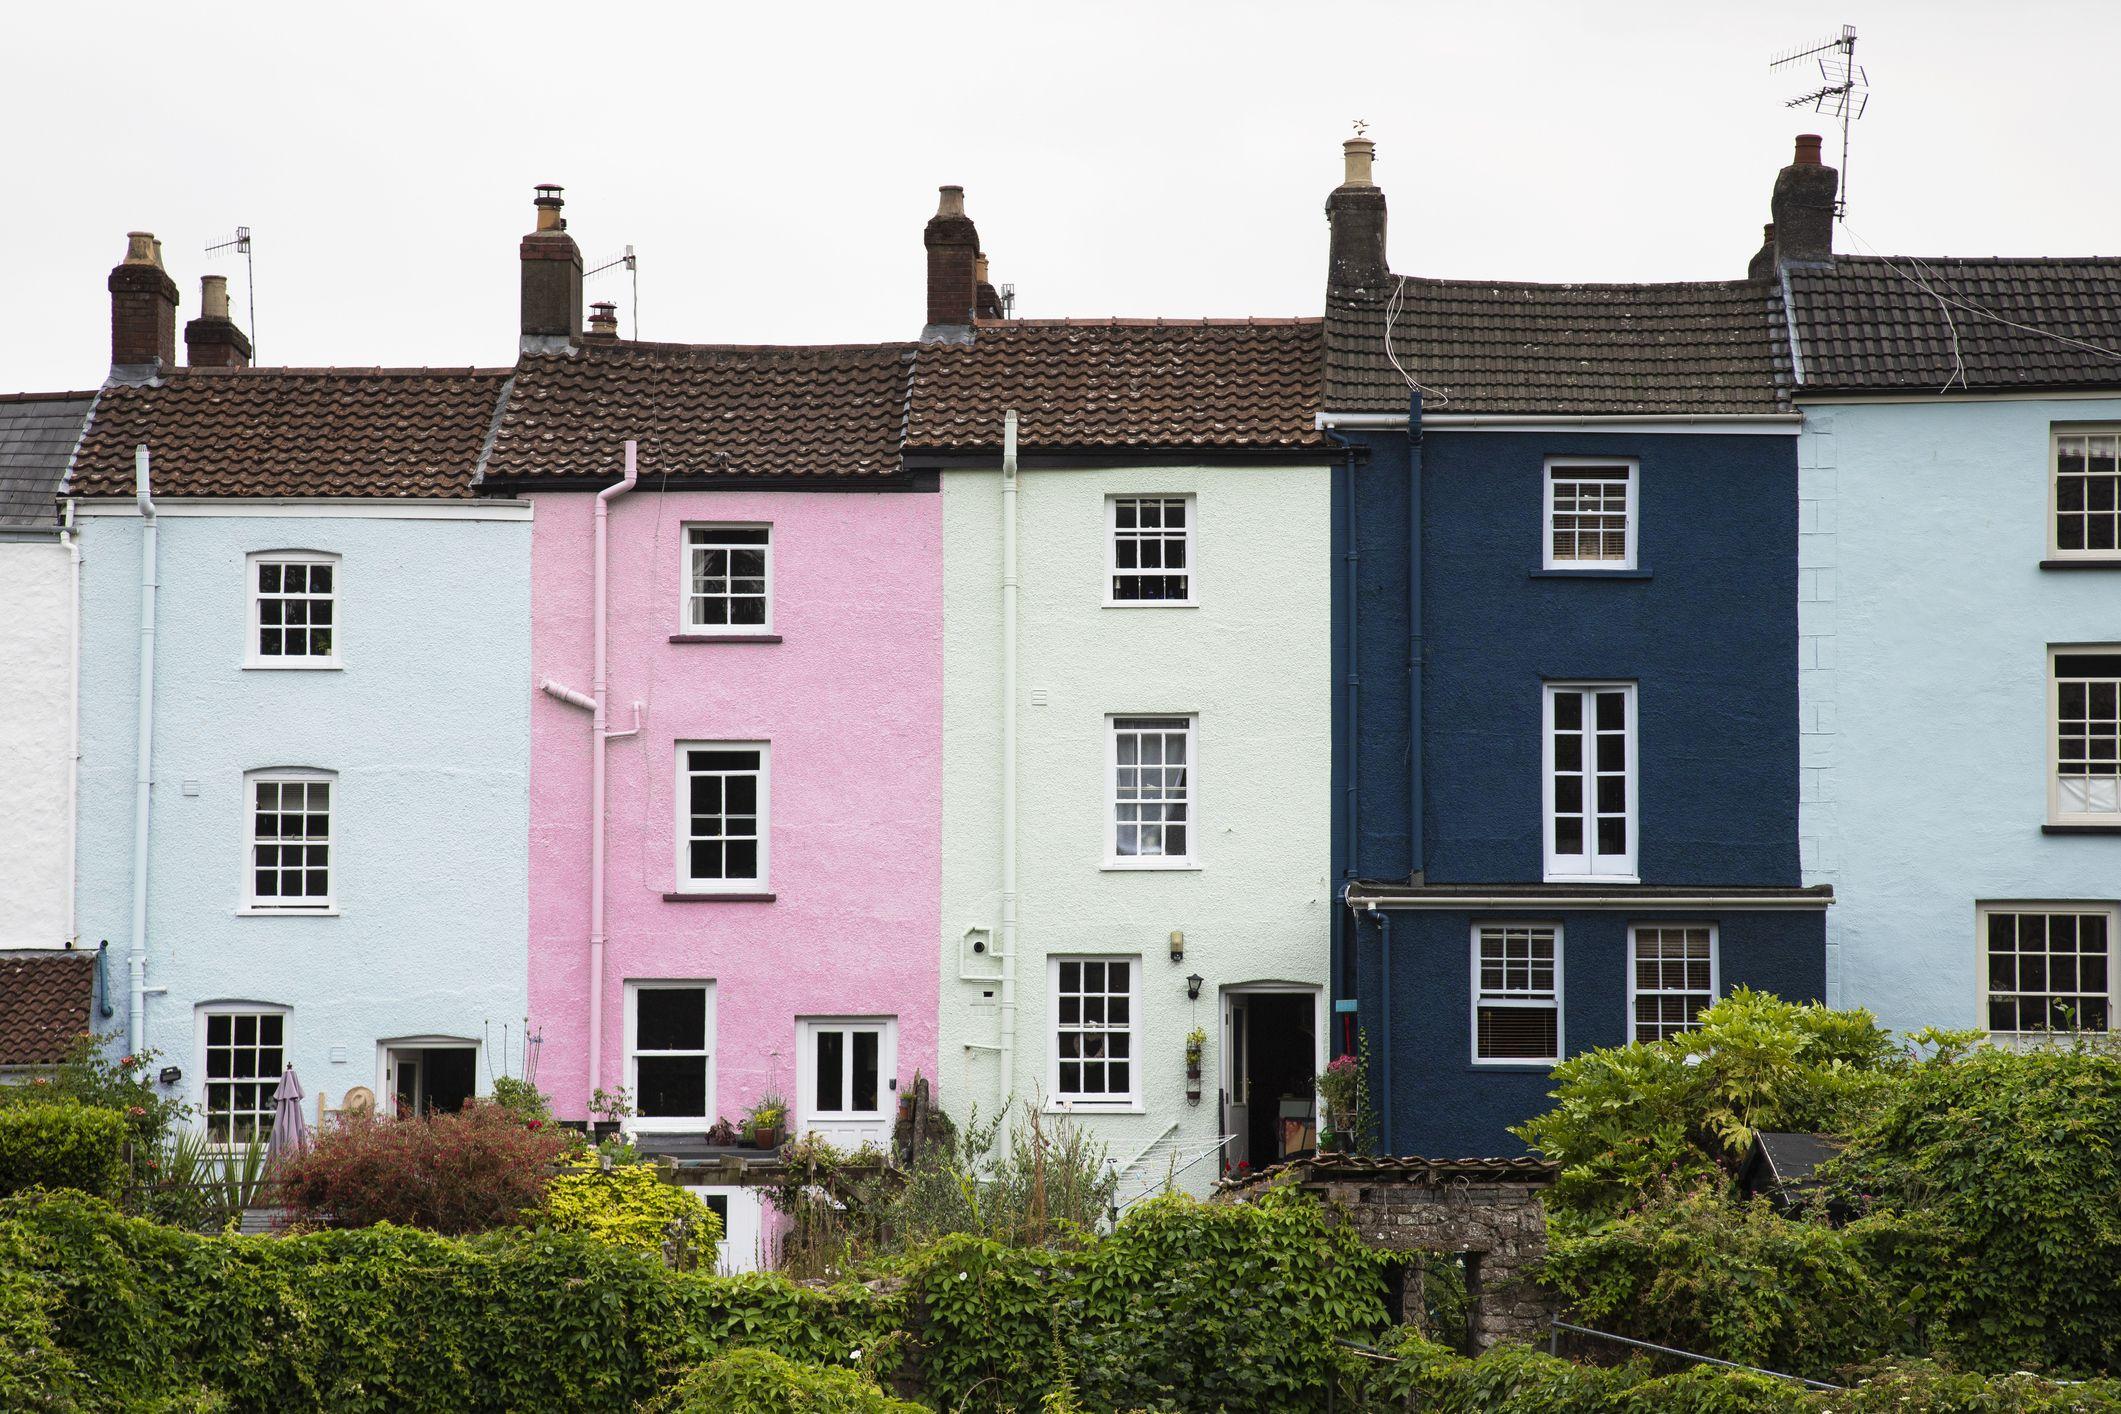 average house price uk and london